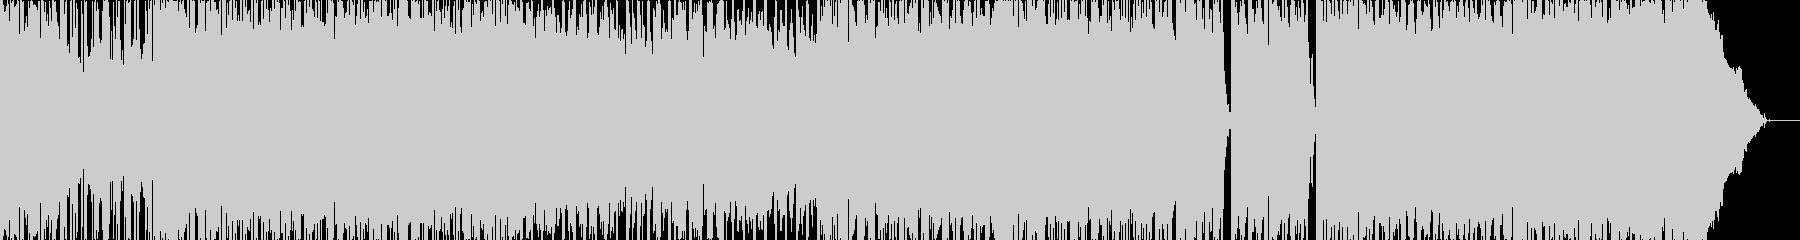 音の未再生の波形